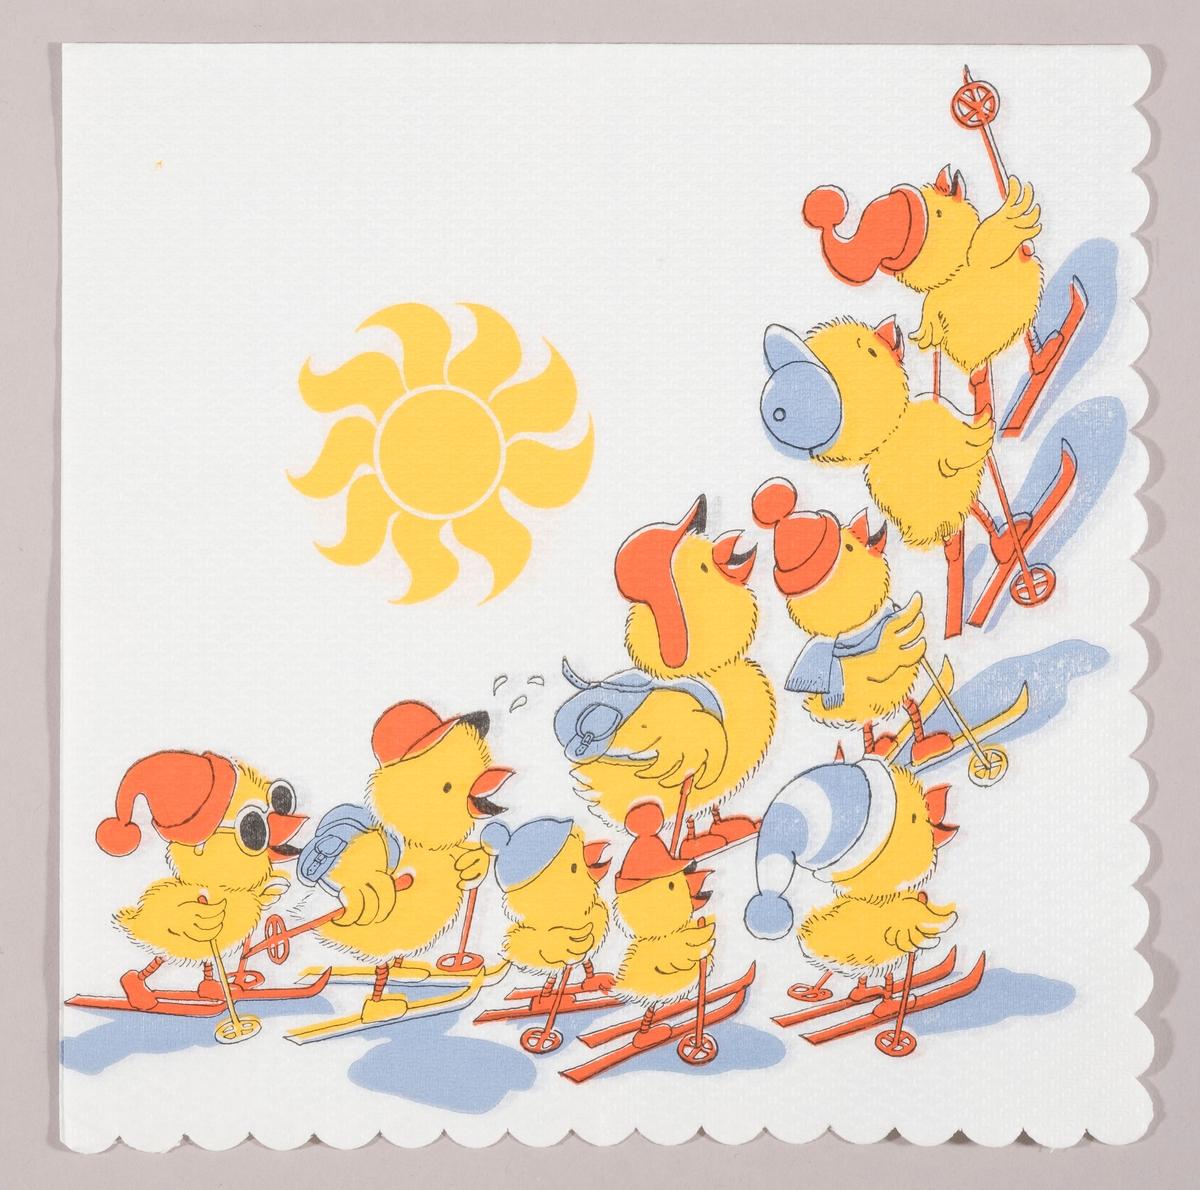 Mange kyllinger på ski med luer, solbrille og ryggsekk. Strålende sol og blå skygger under kyllingene.